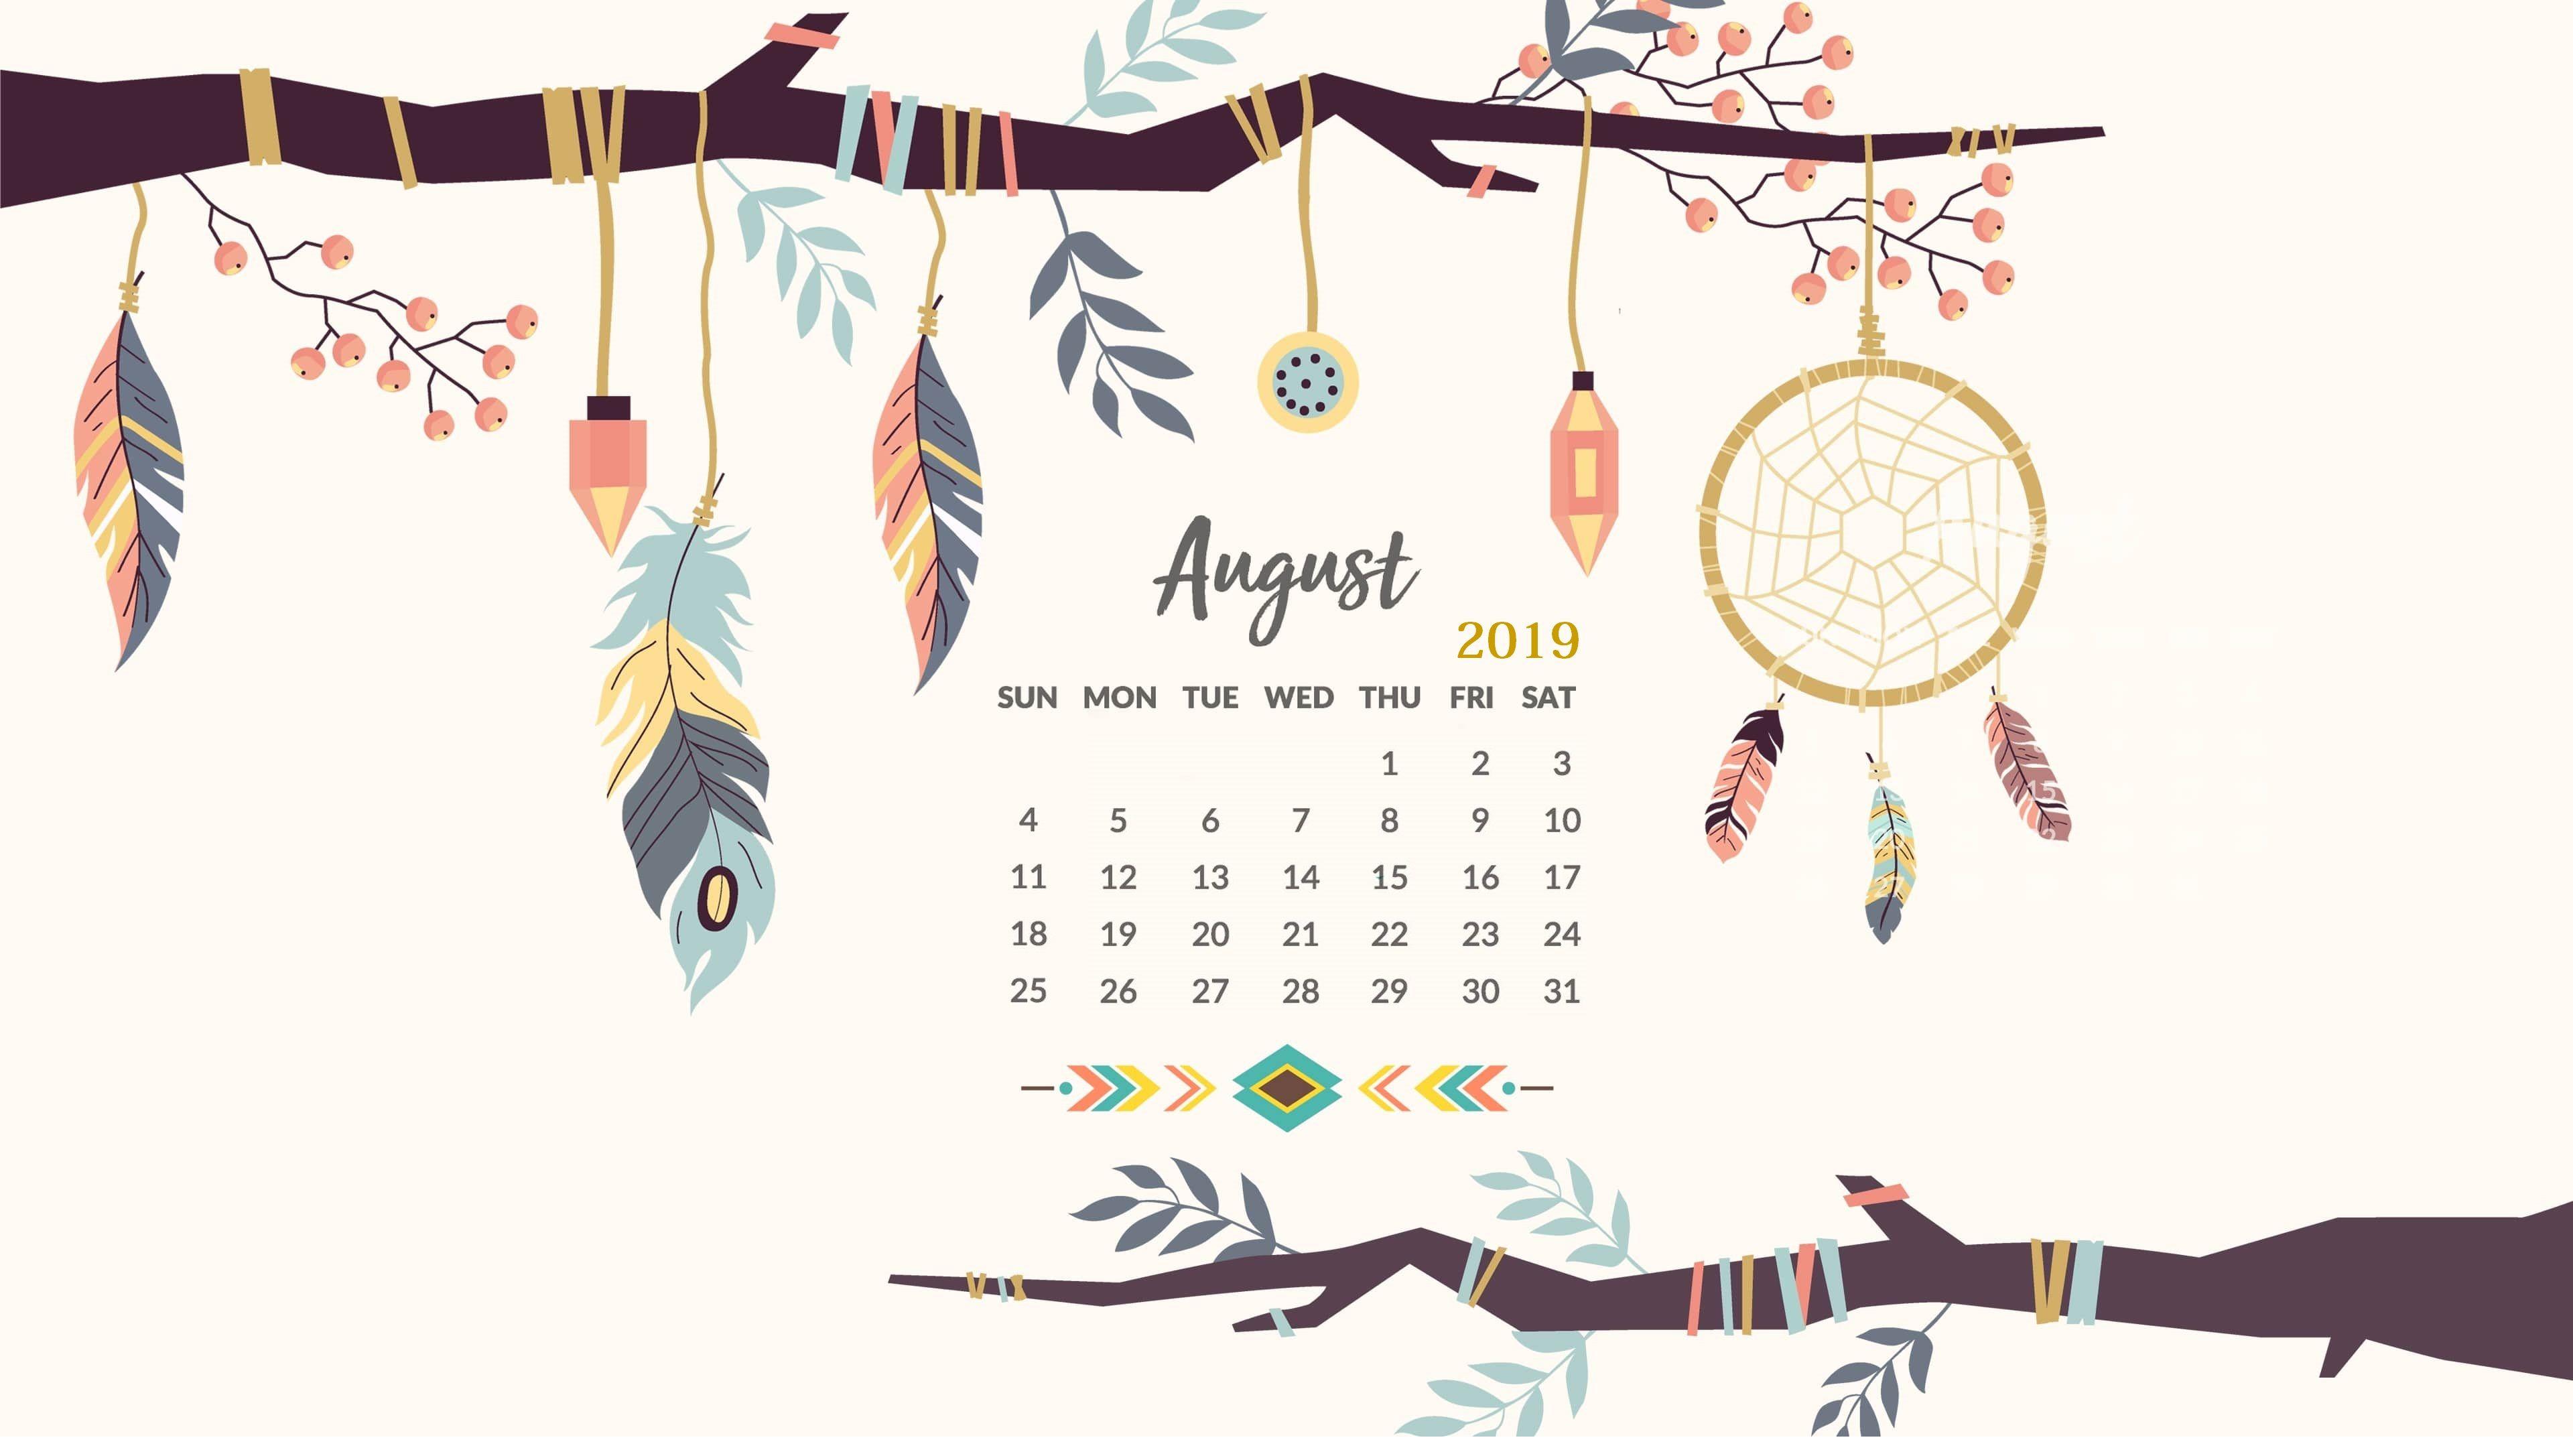 August 2019 HD Calendar Wallpaper little bit of everything in 3840x2173